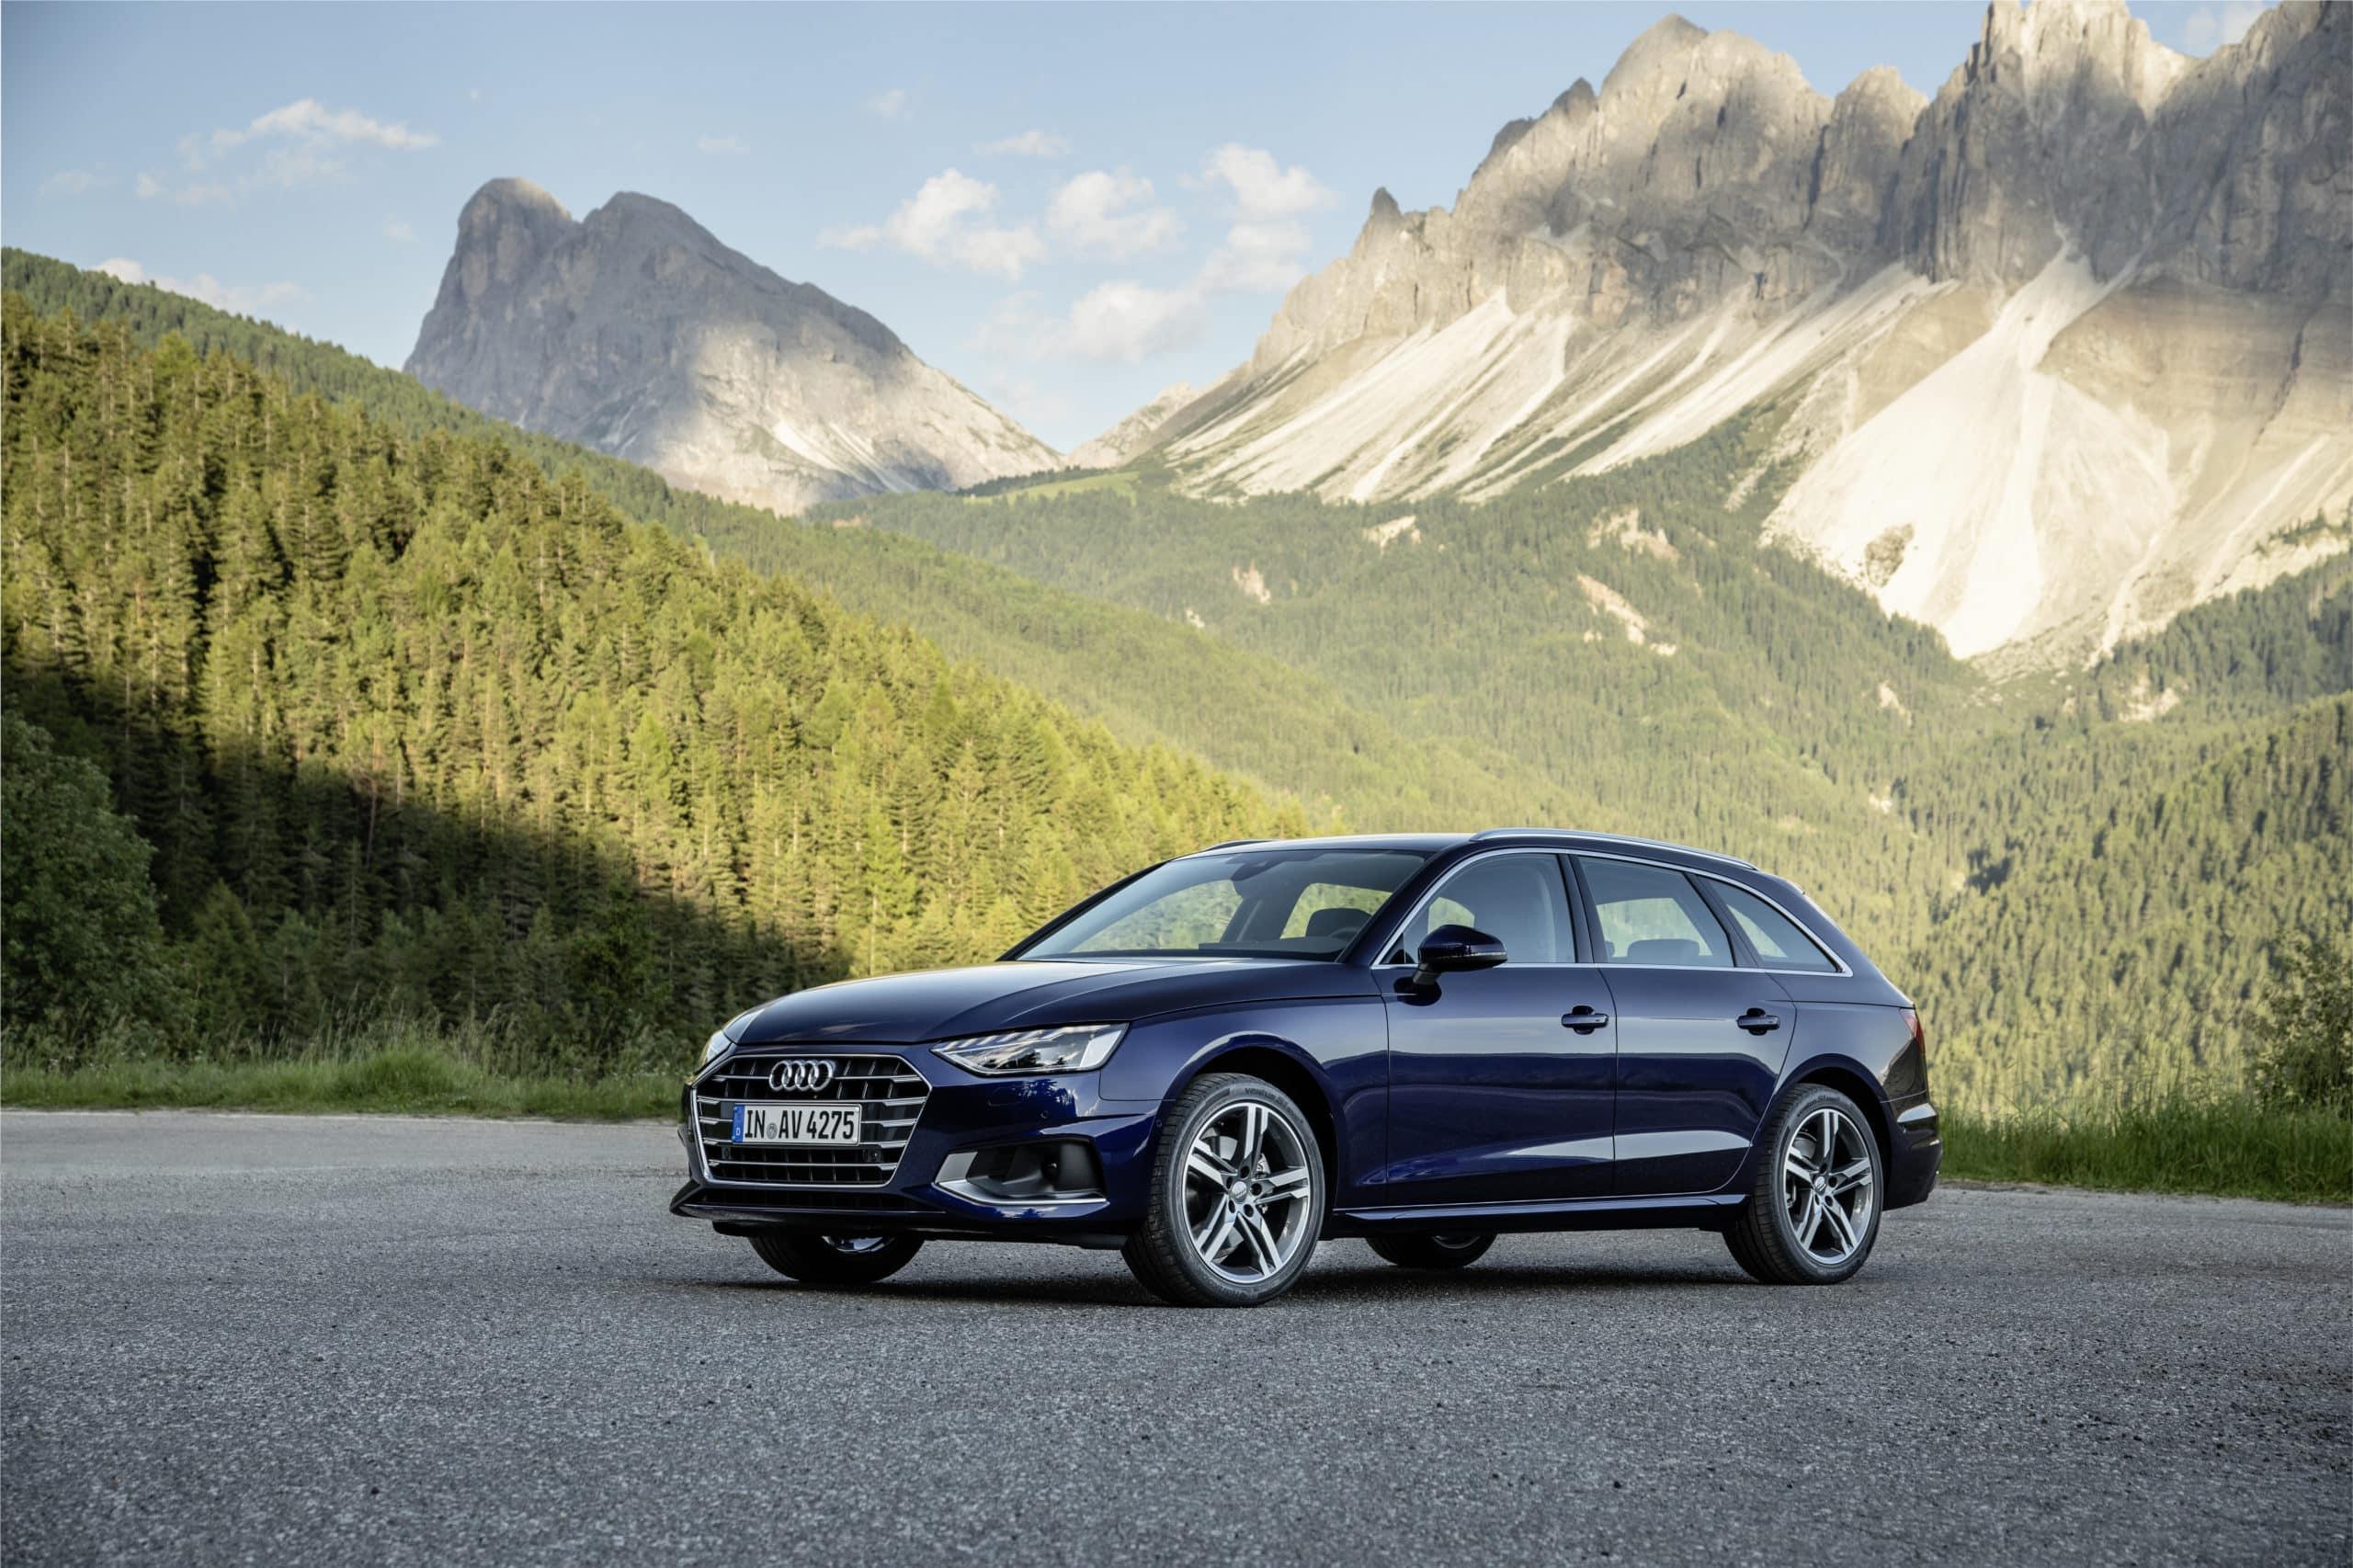 Audi A4 40 Tdi S Tronic S Line Avant Leasing Fur 369 Euro Im Monat Netto Lagerwagen Inkl Full Service Sparneuwagen De